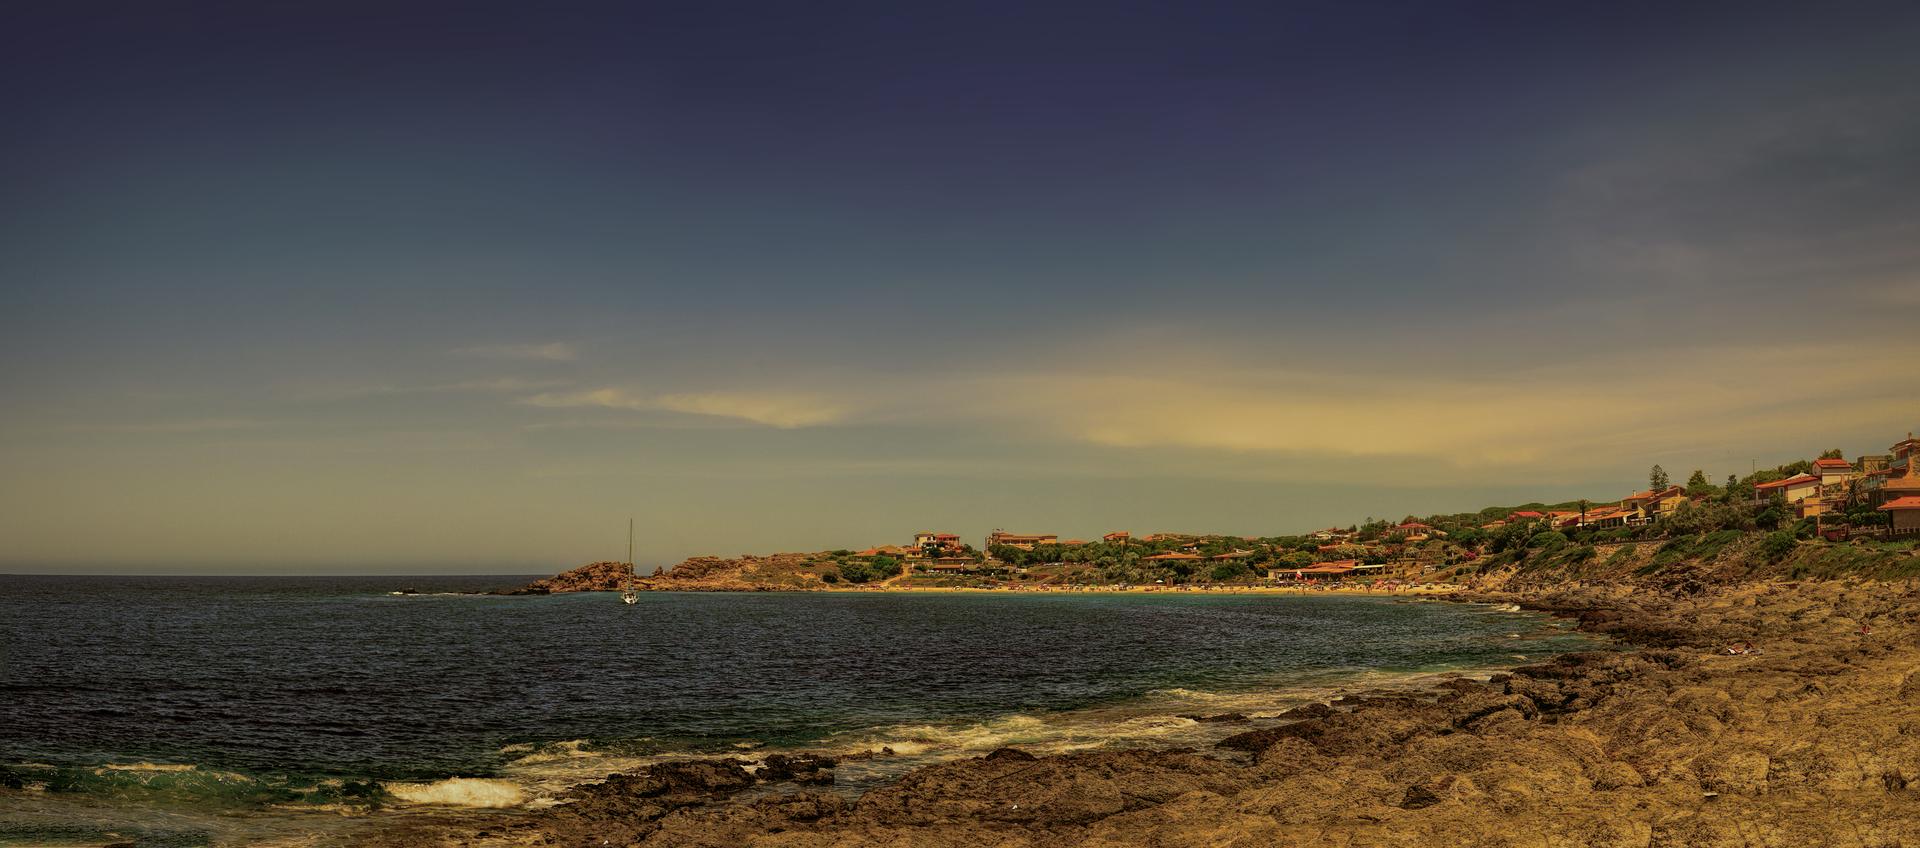 Някакво море, някакви камъни... | Author nyamago | PHOTO FORUM